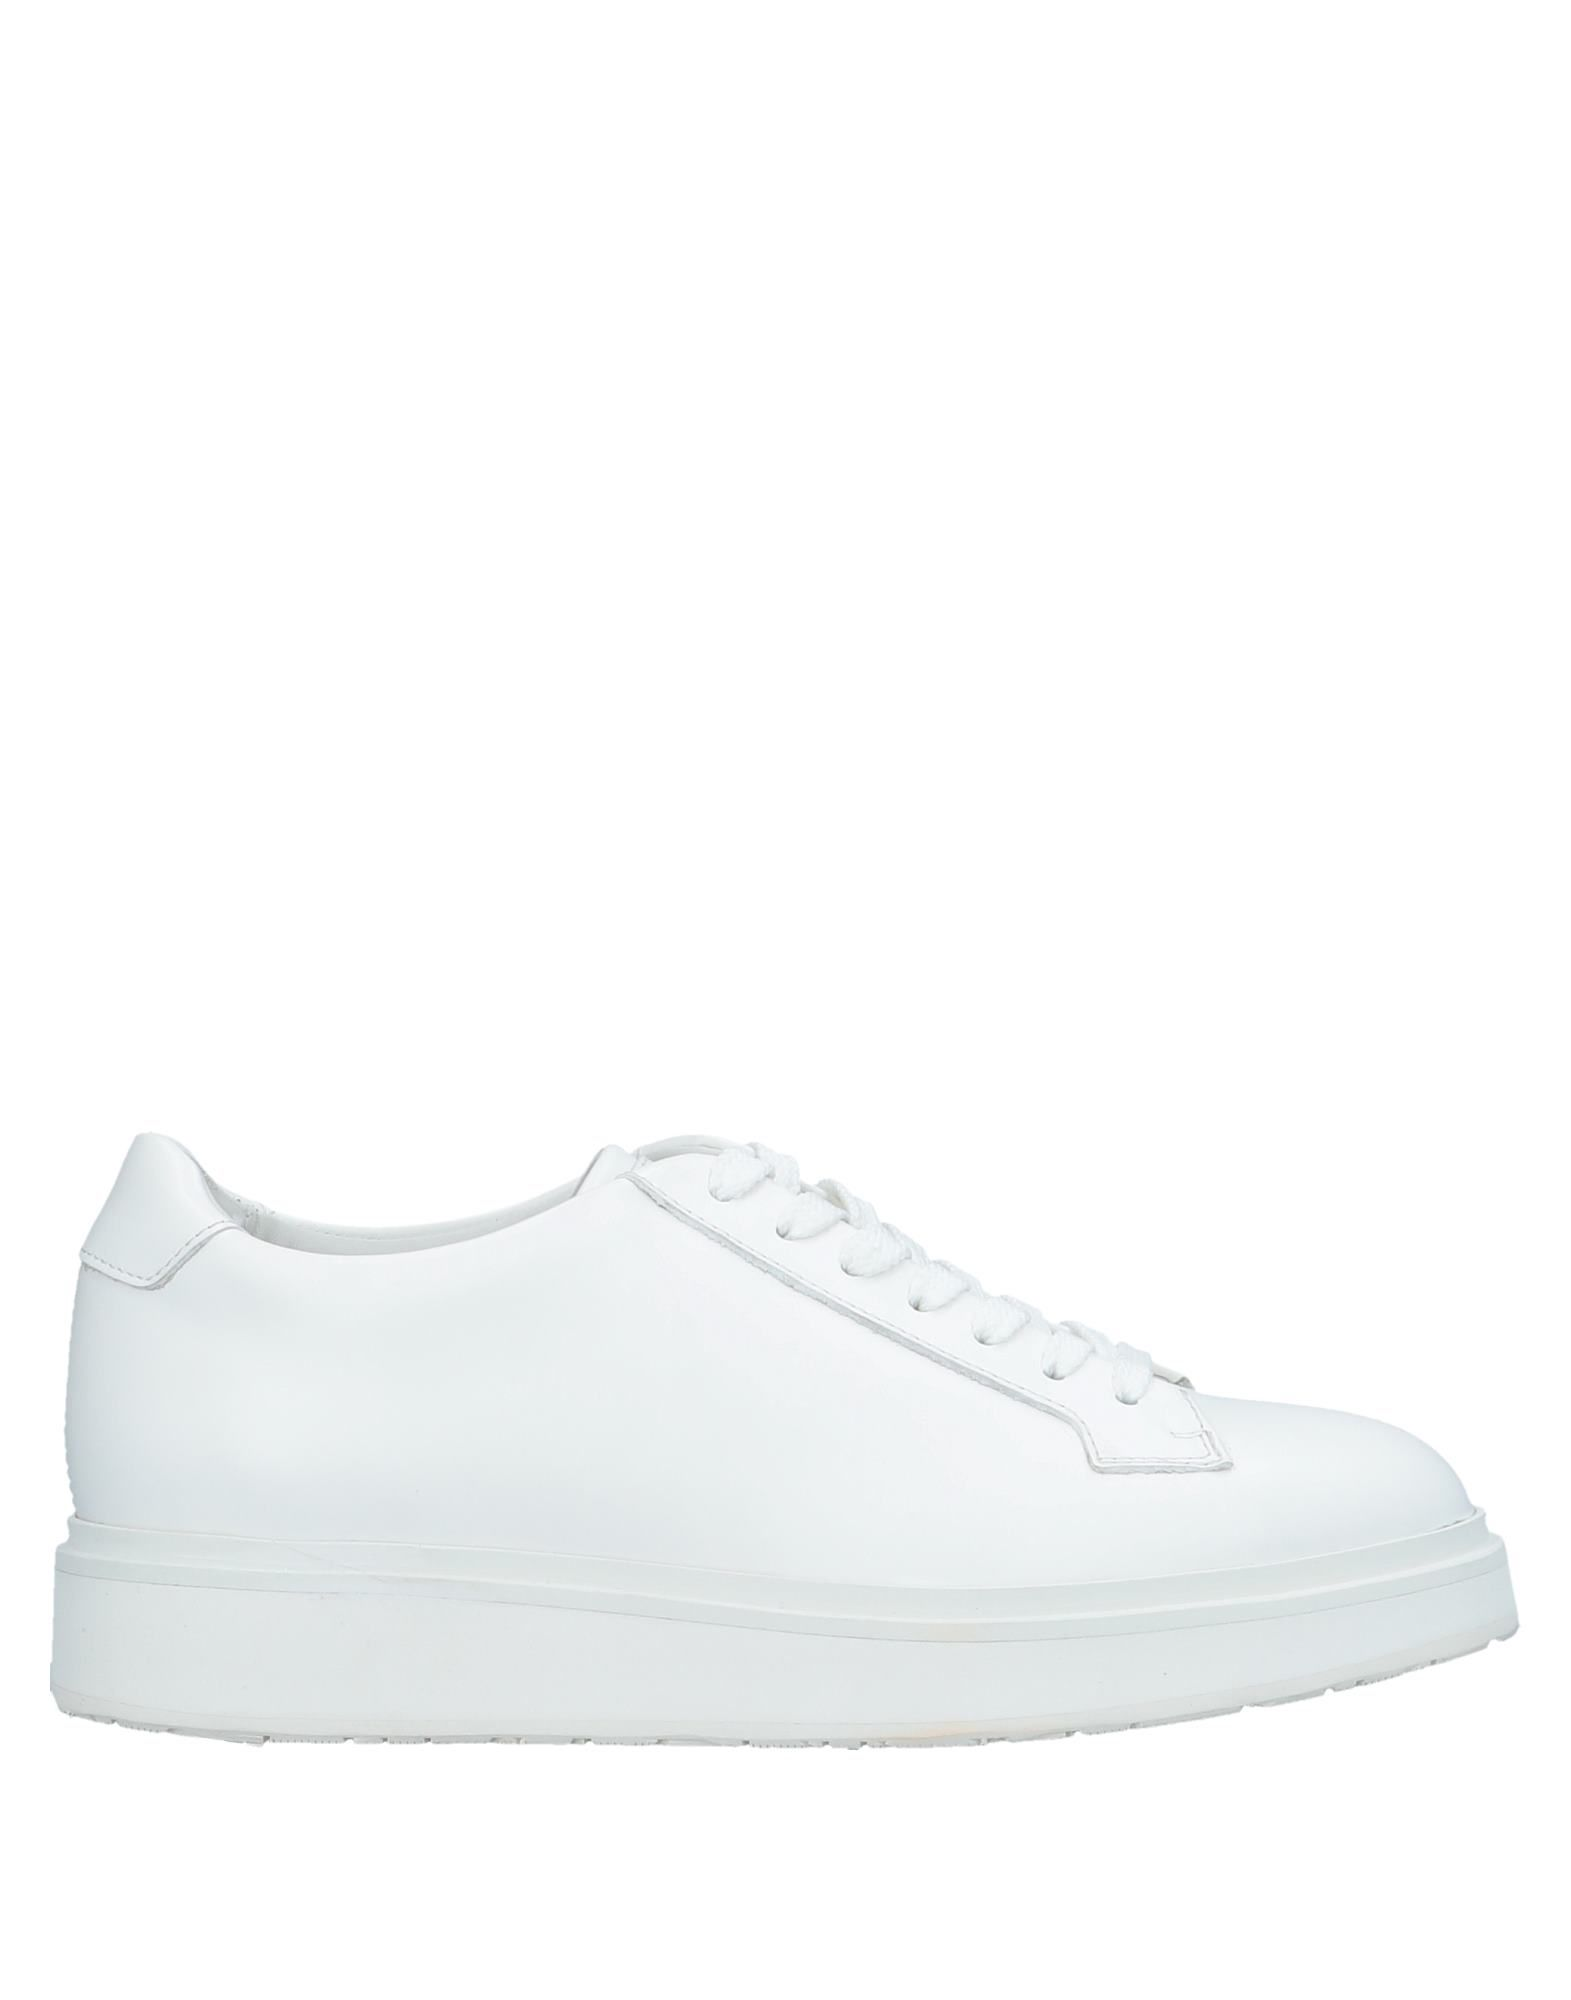 Zapatos de mujer baratos zapatos de mujer Zapatillas Santoni Santoni Mujer - Zapatillas Santoni Santoni  Blanco 6b855b